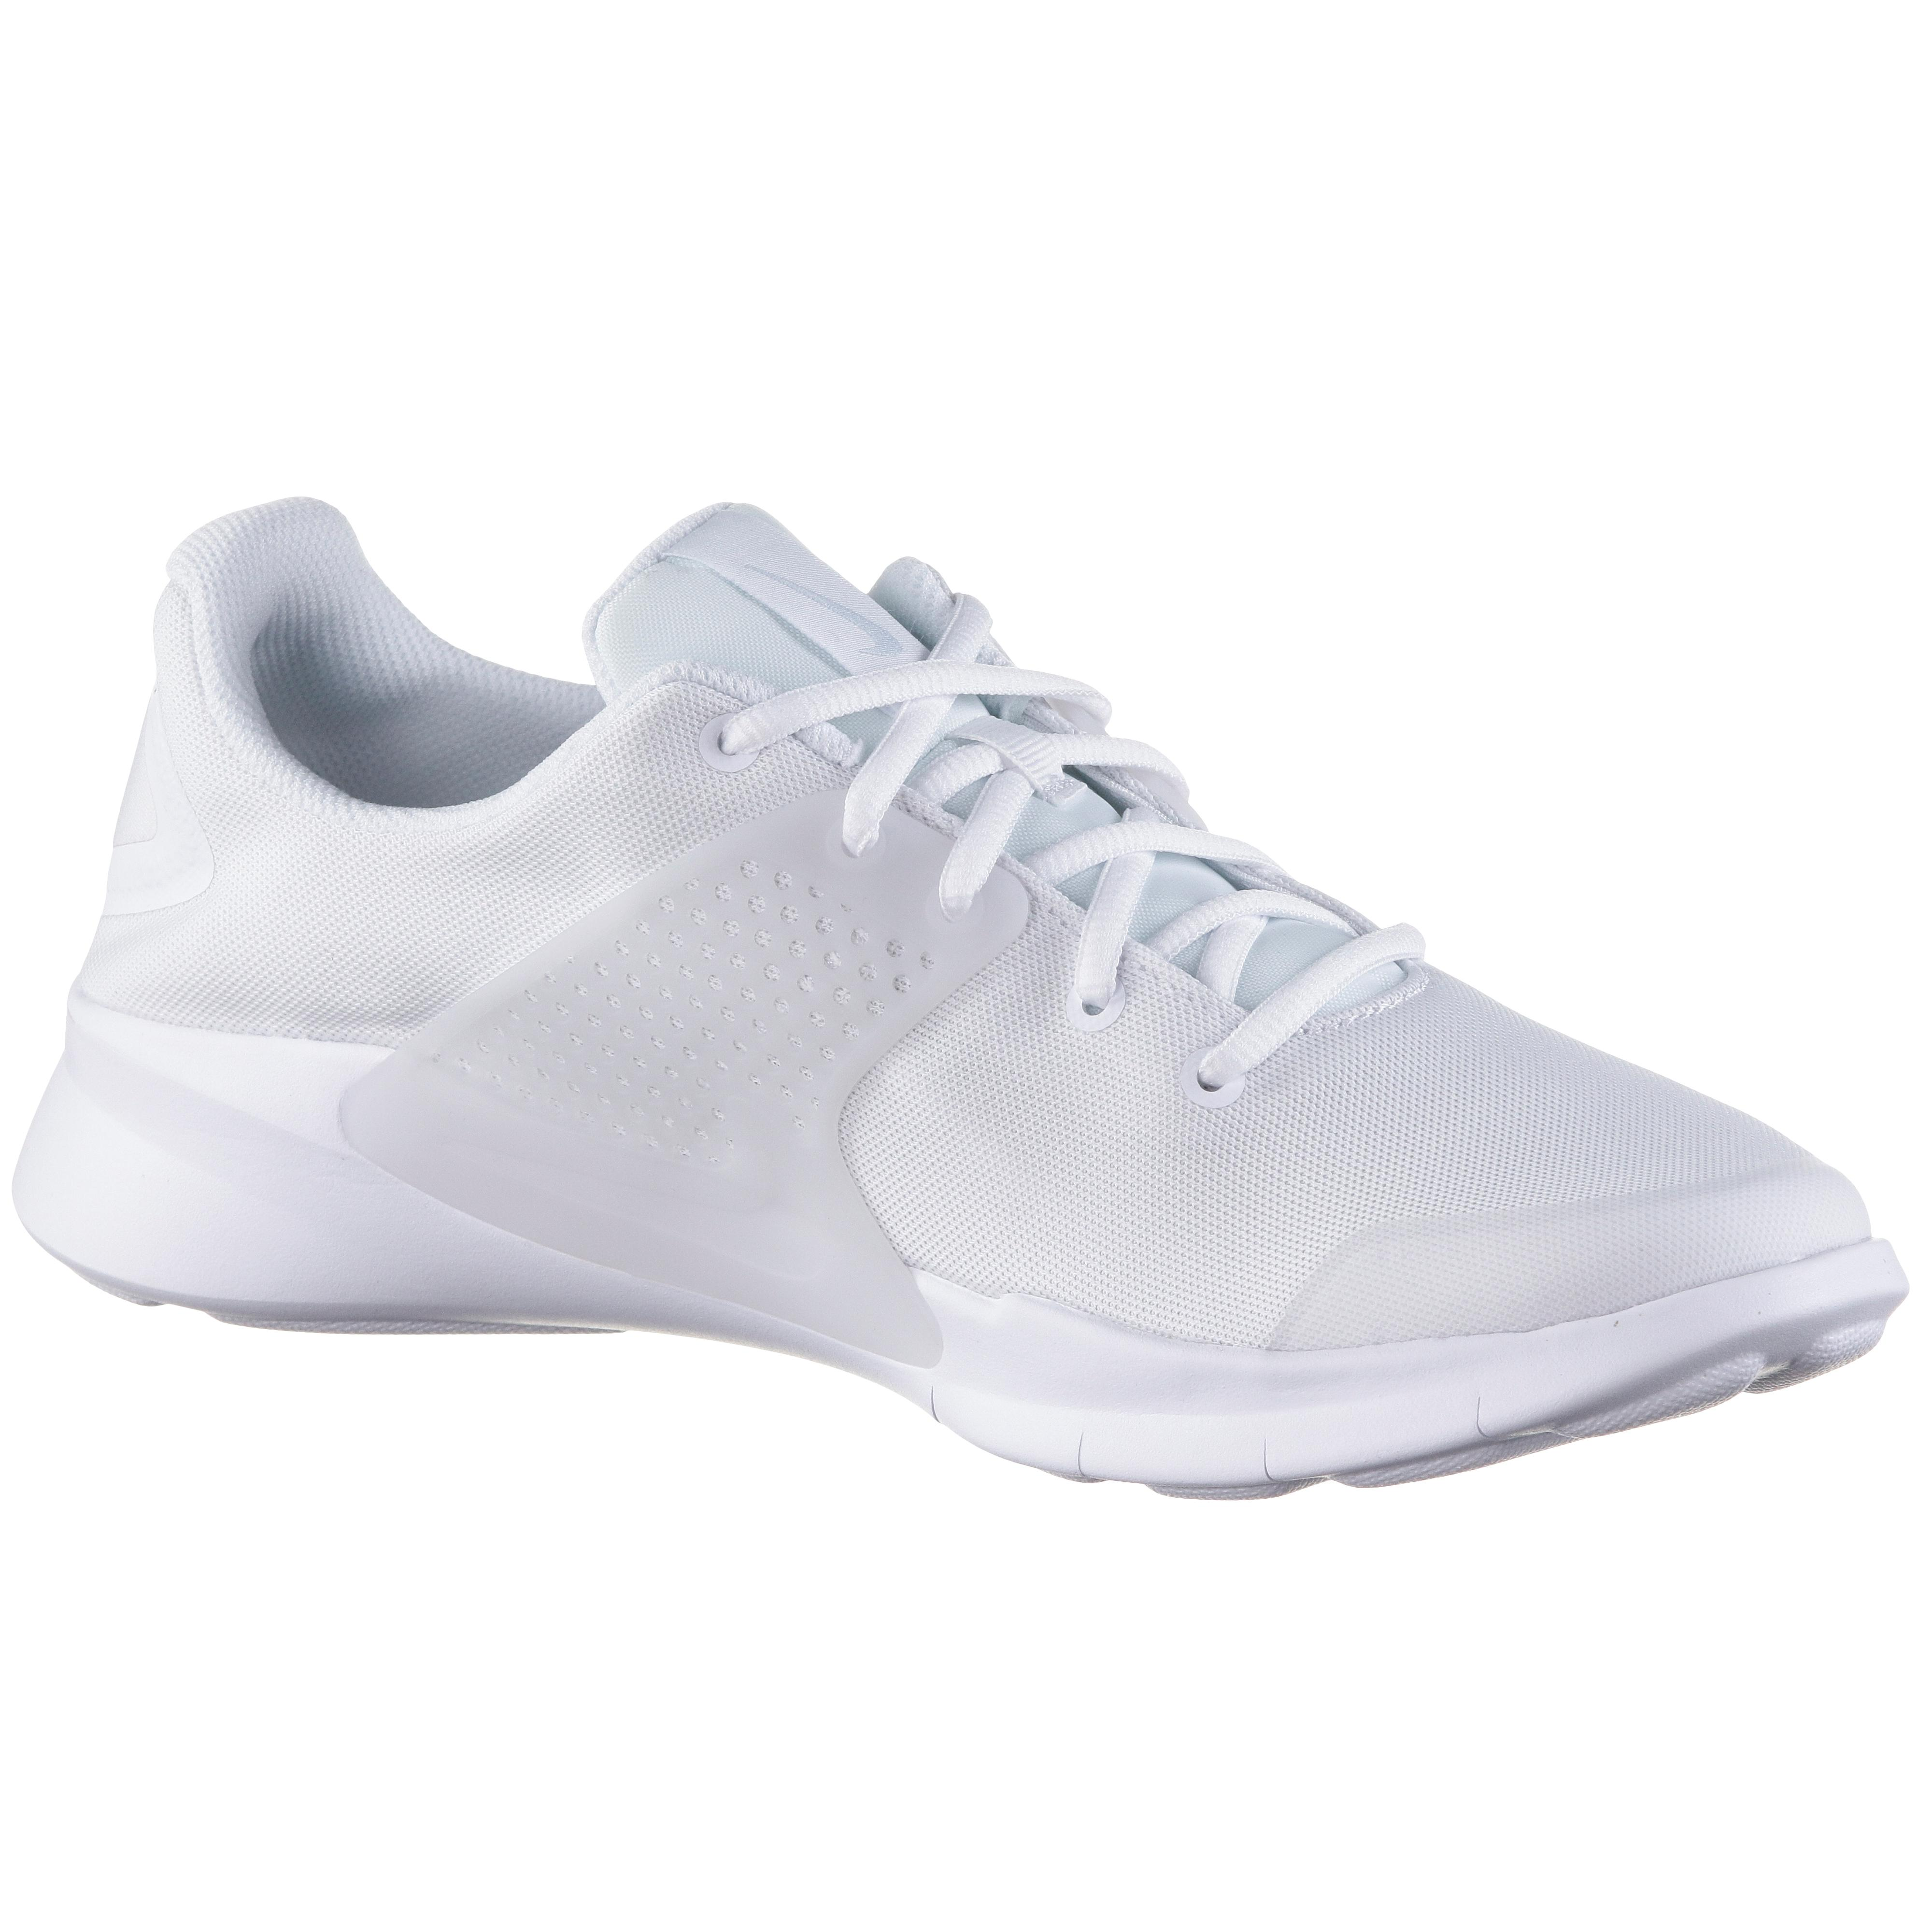 Nike Arrowz Turnschuhe Herren Herren Herren Weiß-Weiß im Online Shop von SportScheck kaufen Gute Qualität beliebte Schuhe e7a6c9